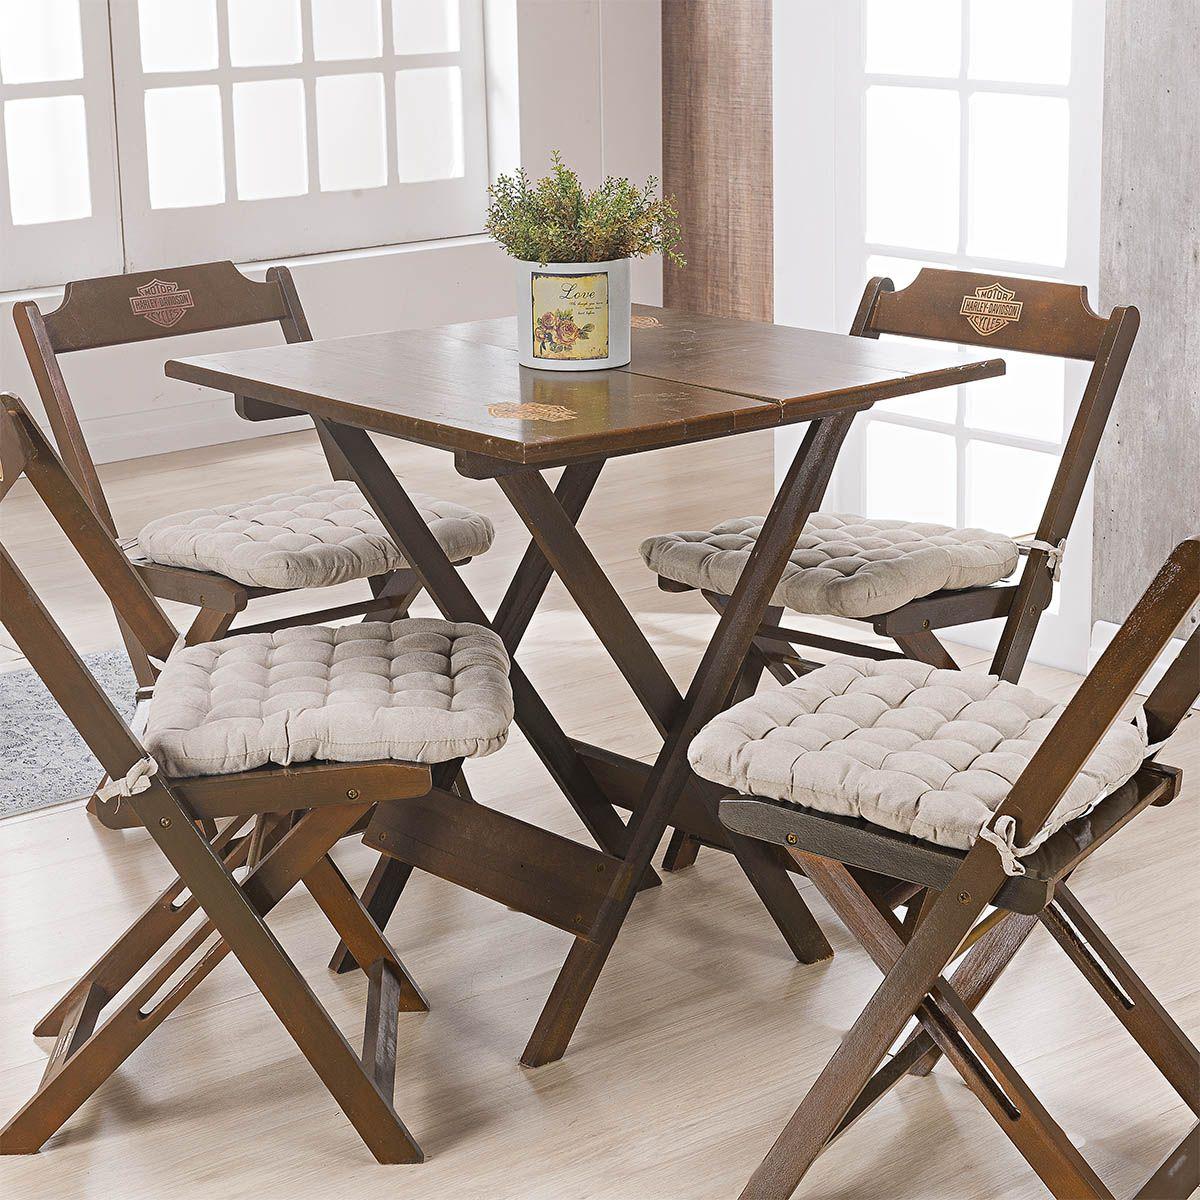 Kit C/ 4 - Assentos P/ Cadeira - Futton - Kalamar - 40cm x 40cm - Areia - Niazitex